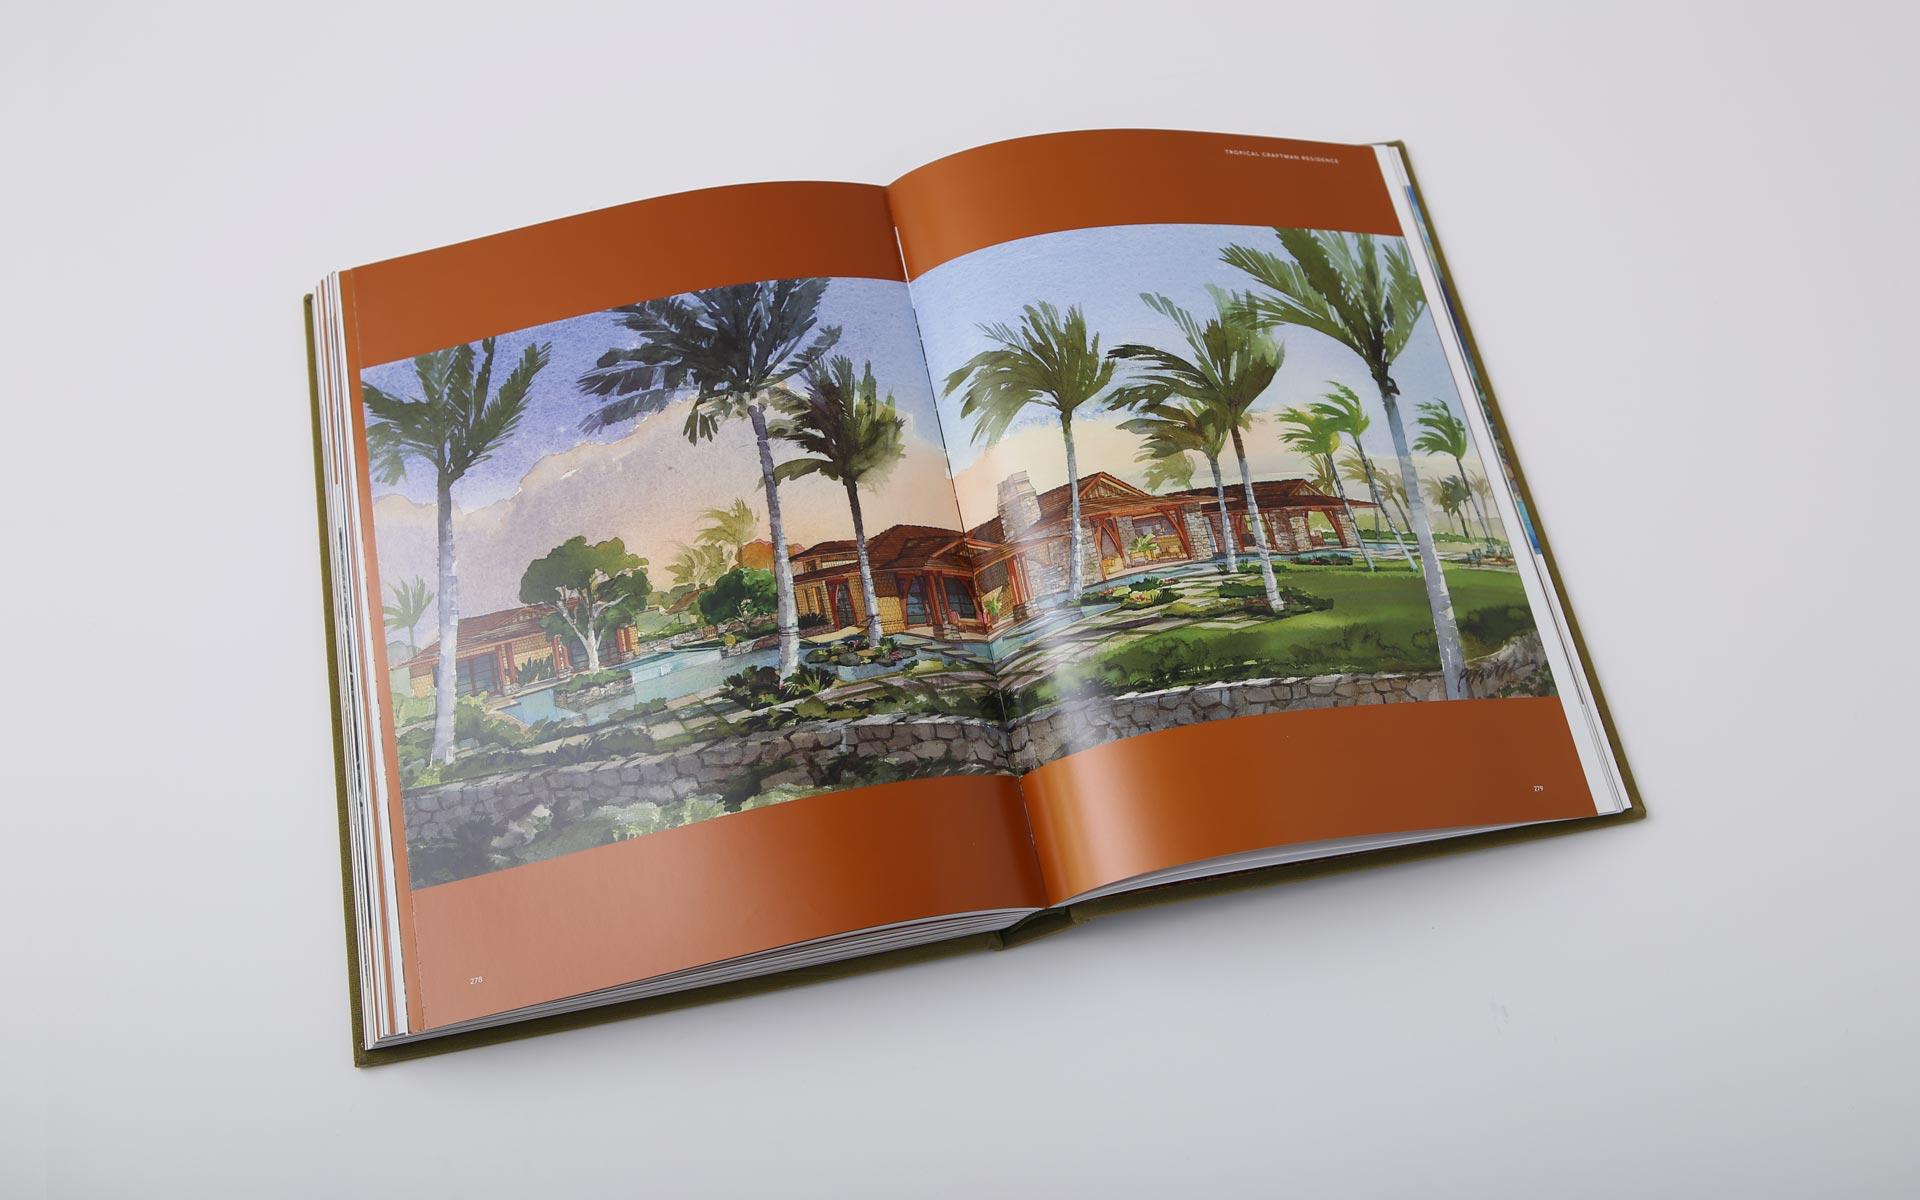 tropical-architecture-book-design-9